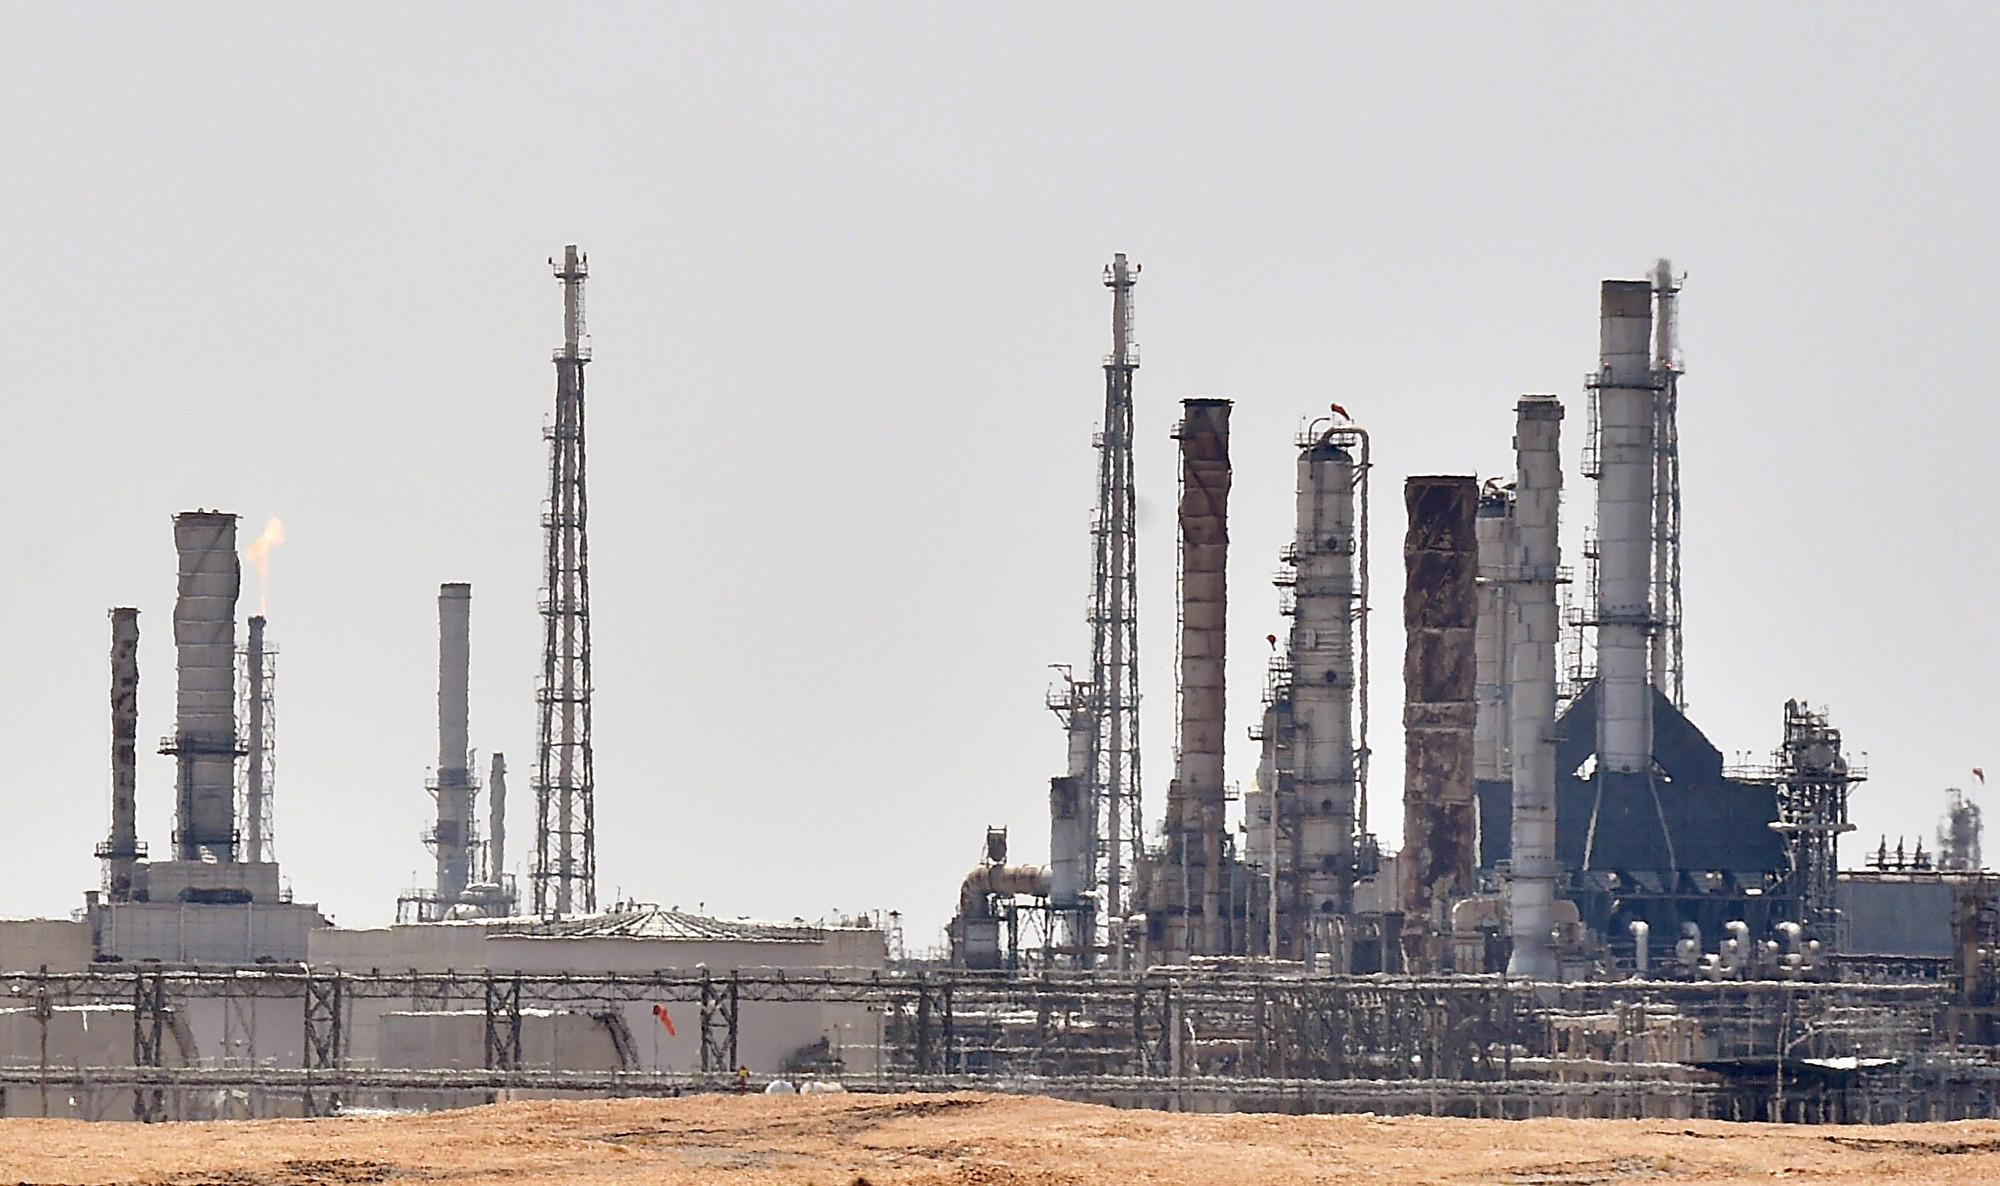 沙特石油設施受到無人機襲擊,對全球油價和燃料的價格會造成甚麼樣的影響呢?圖中為受襲後重新投入營運的「沙特阿美」(Aramco)煉油廠。(FAYEZ NURELDINE / AFP)